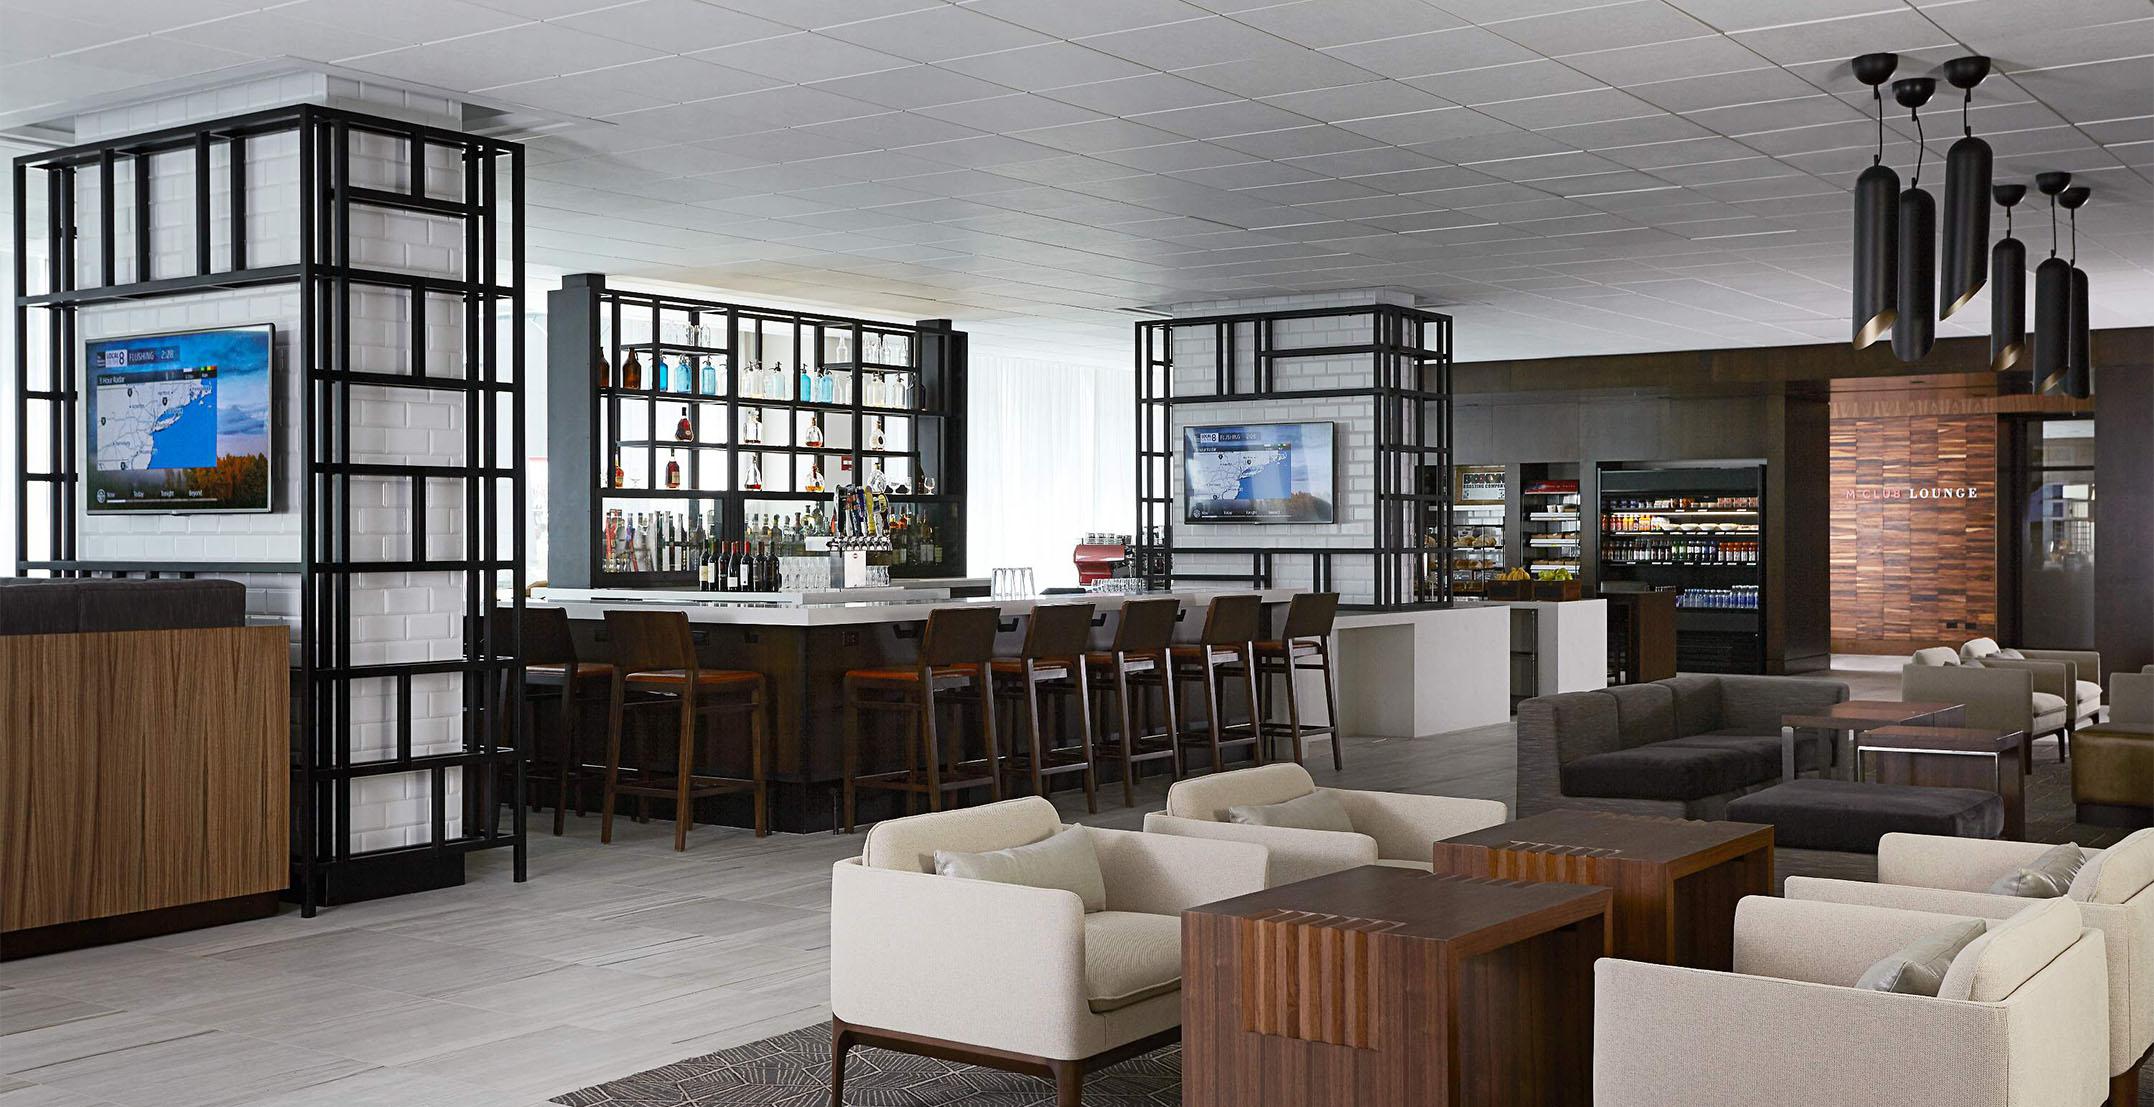 marriott-greatroom.jpg#asset:11738